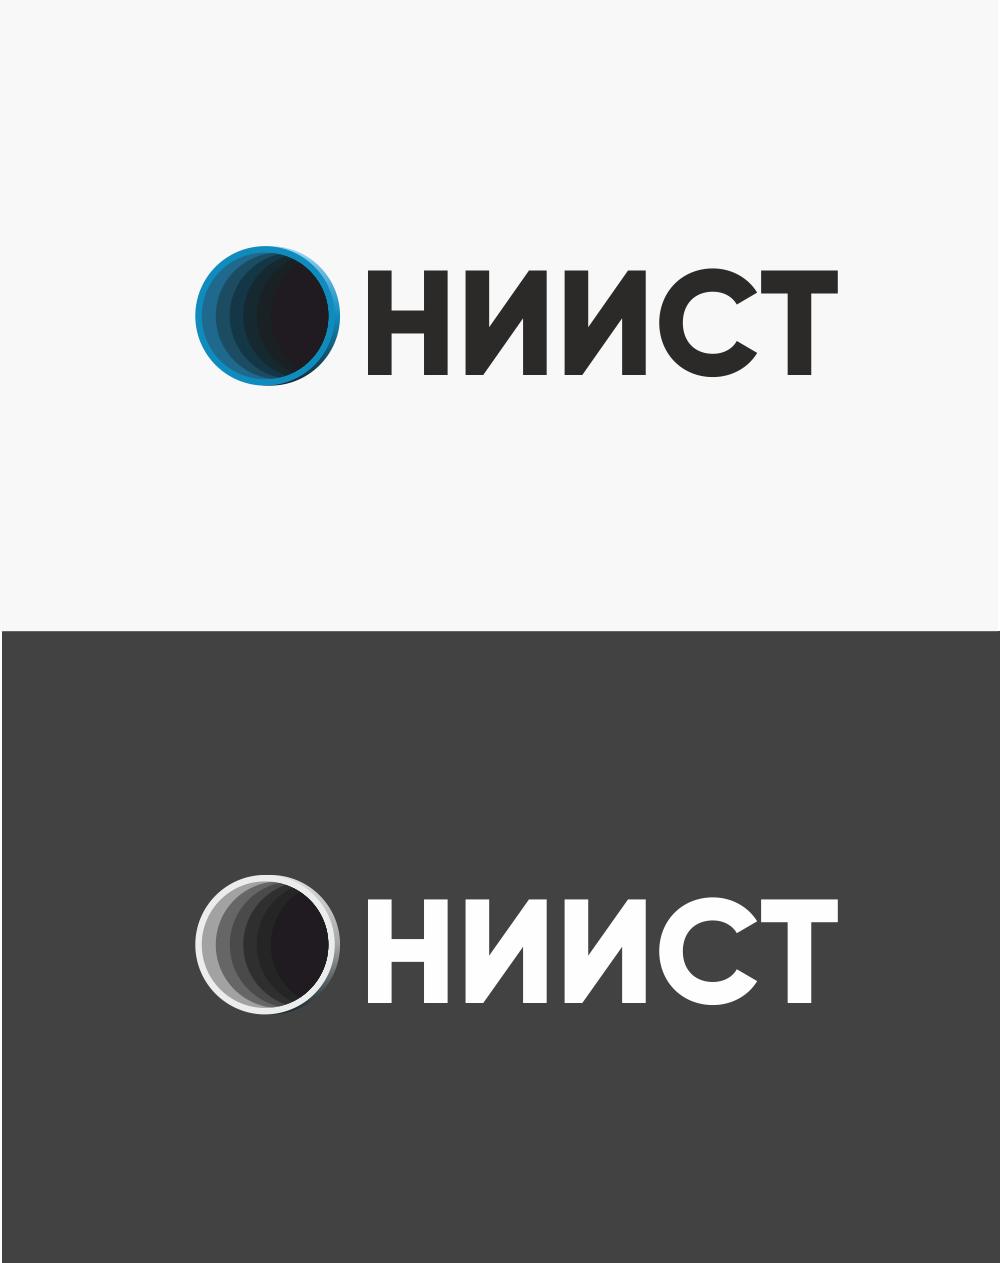 Разработка логотипа фото f_4635b9f7fd83a2b3.png